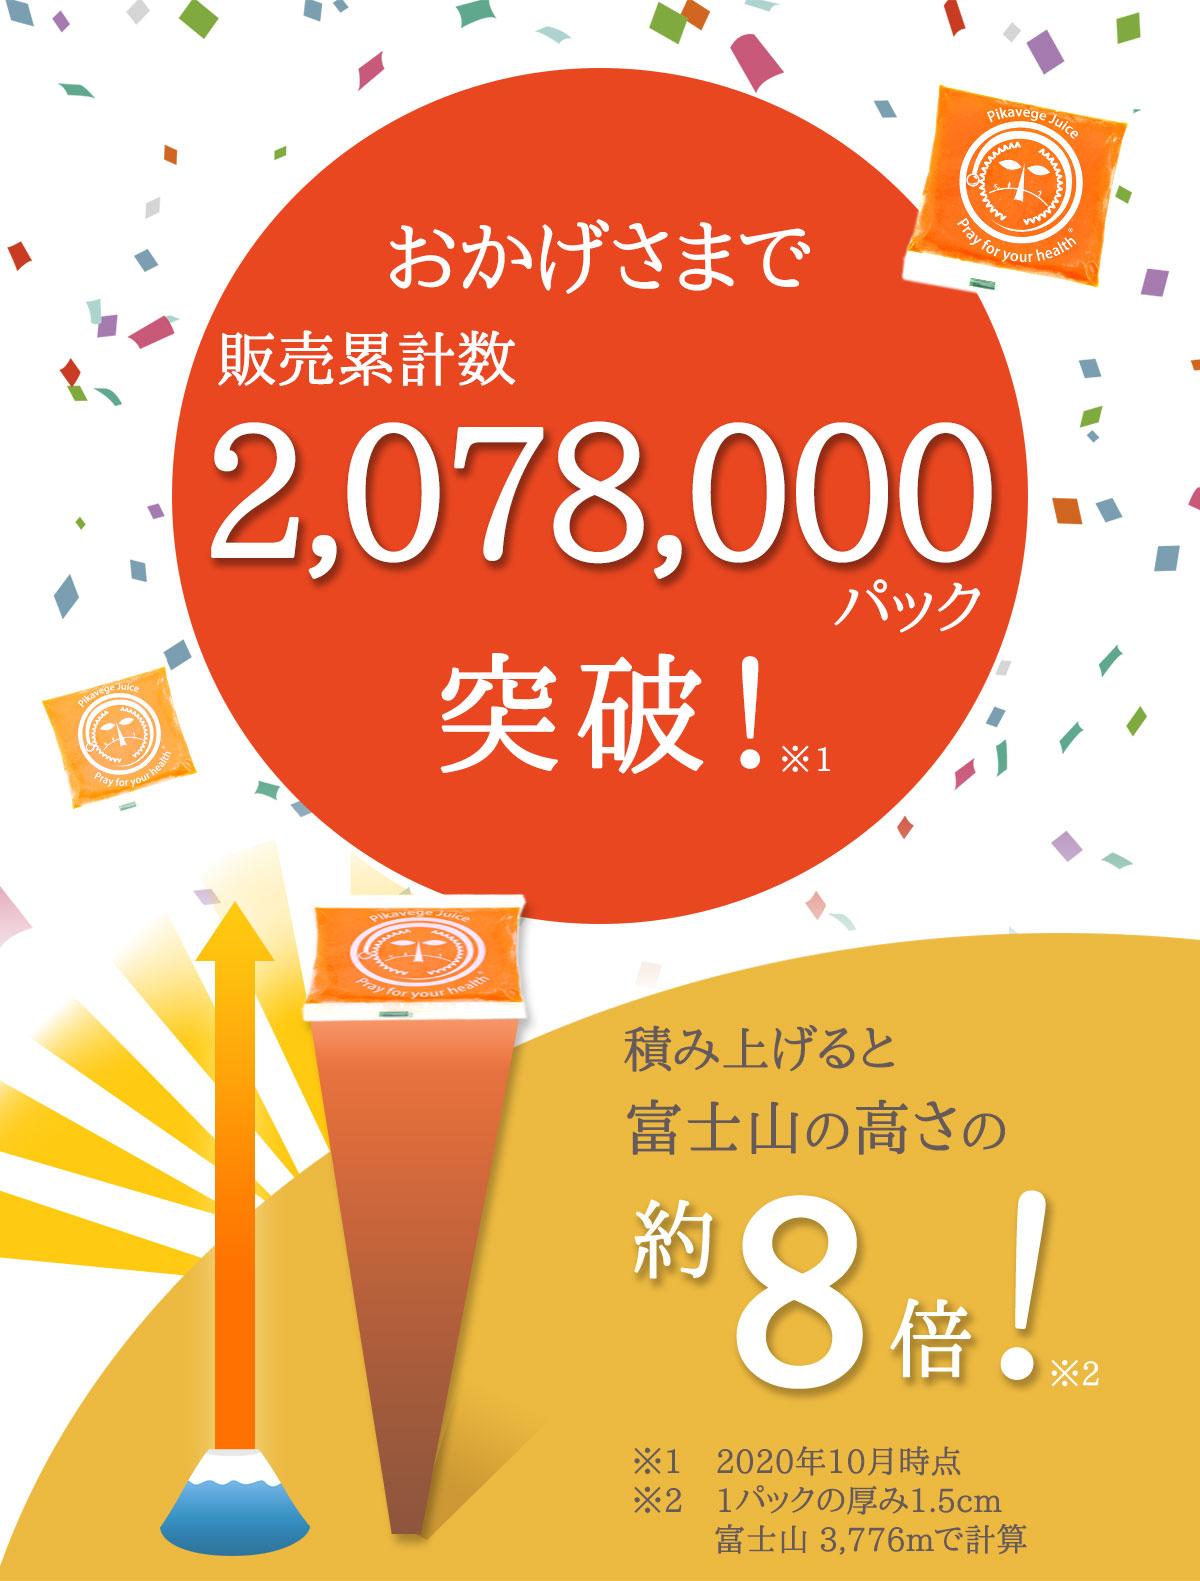 おかでさまで販売累計数 2,078,000パック突破!